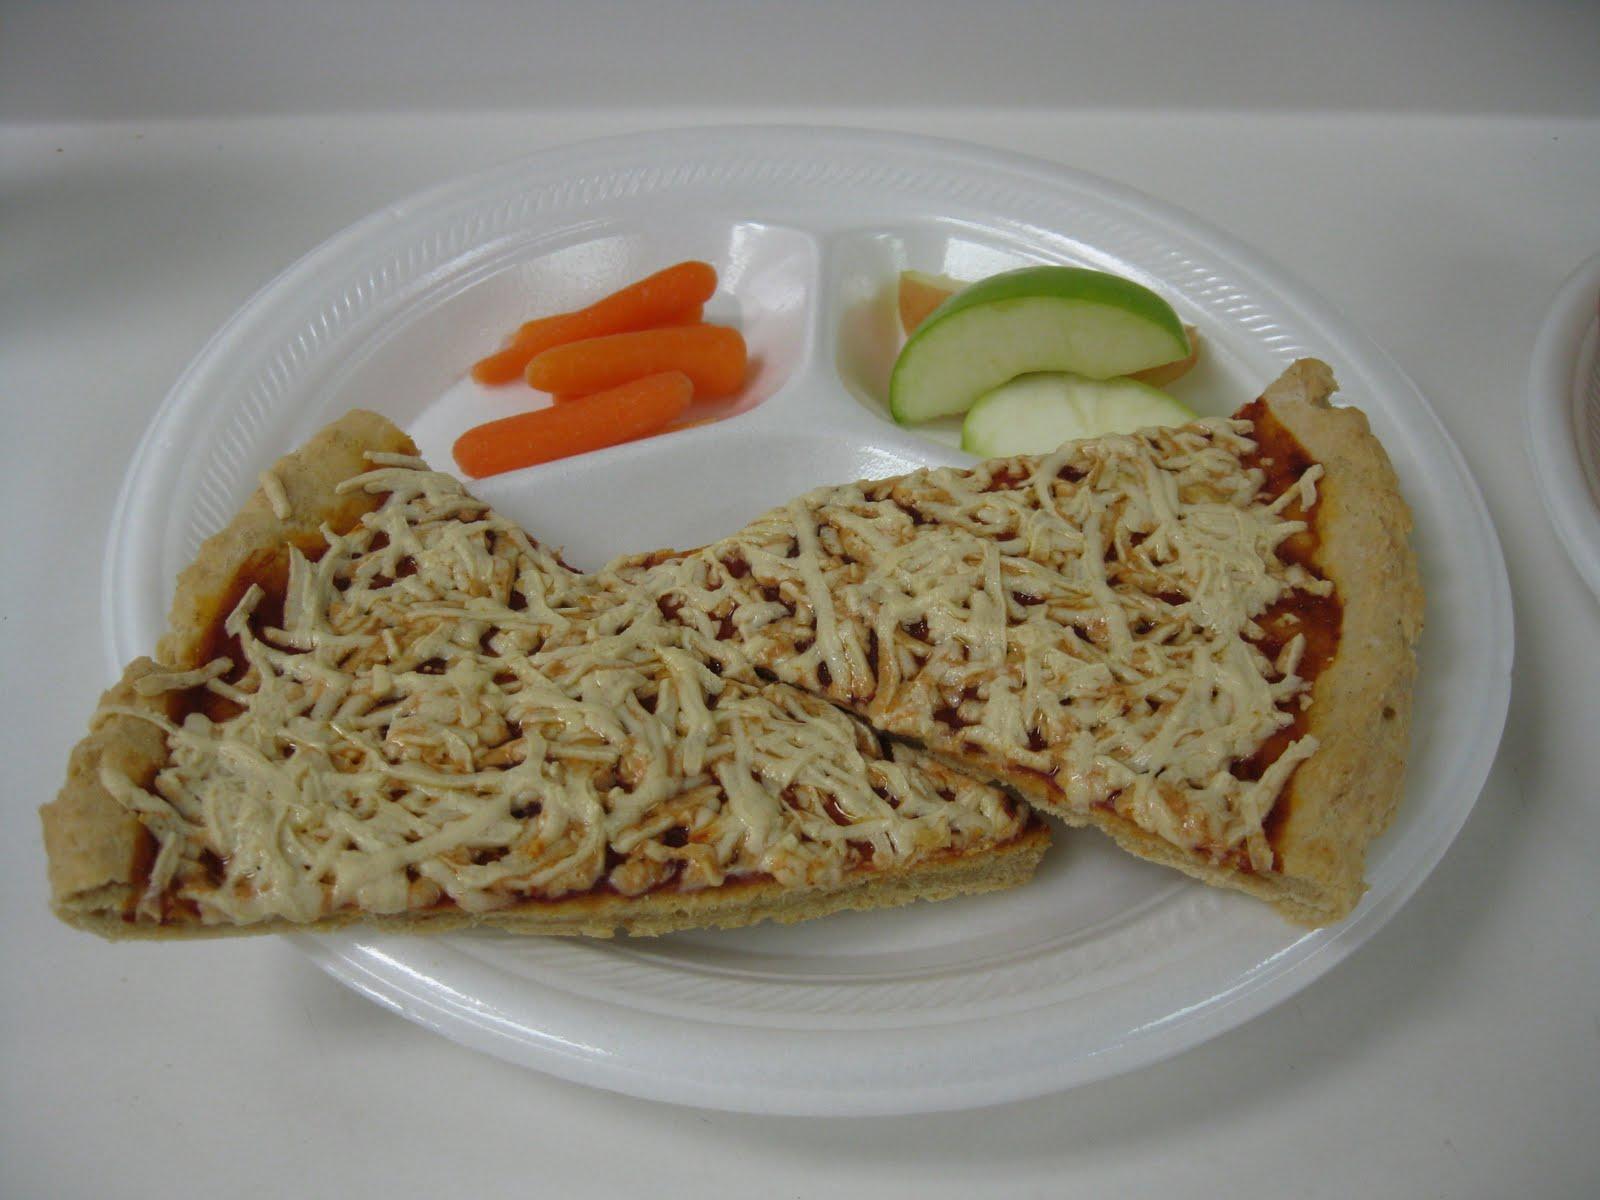 Uruguayan Pizza Dough (Gluten Free, Yeast Free & Vegan)